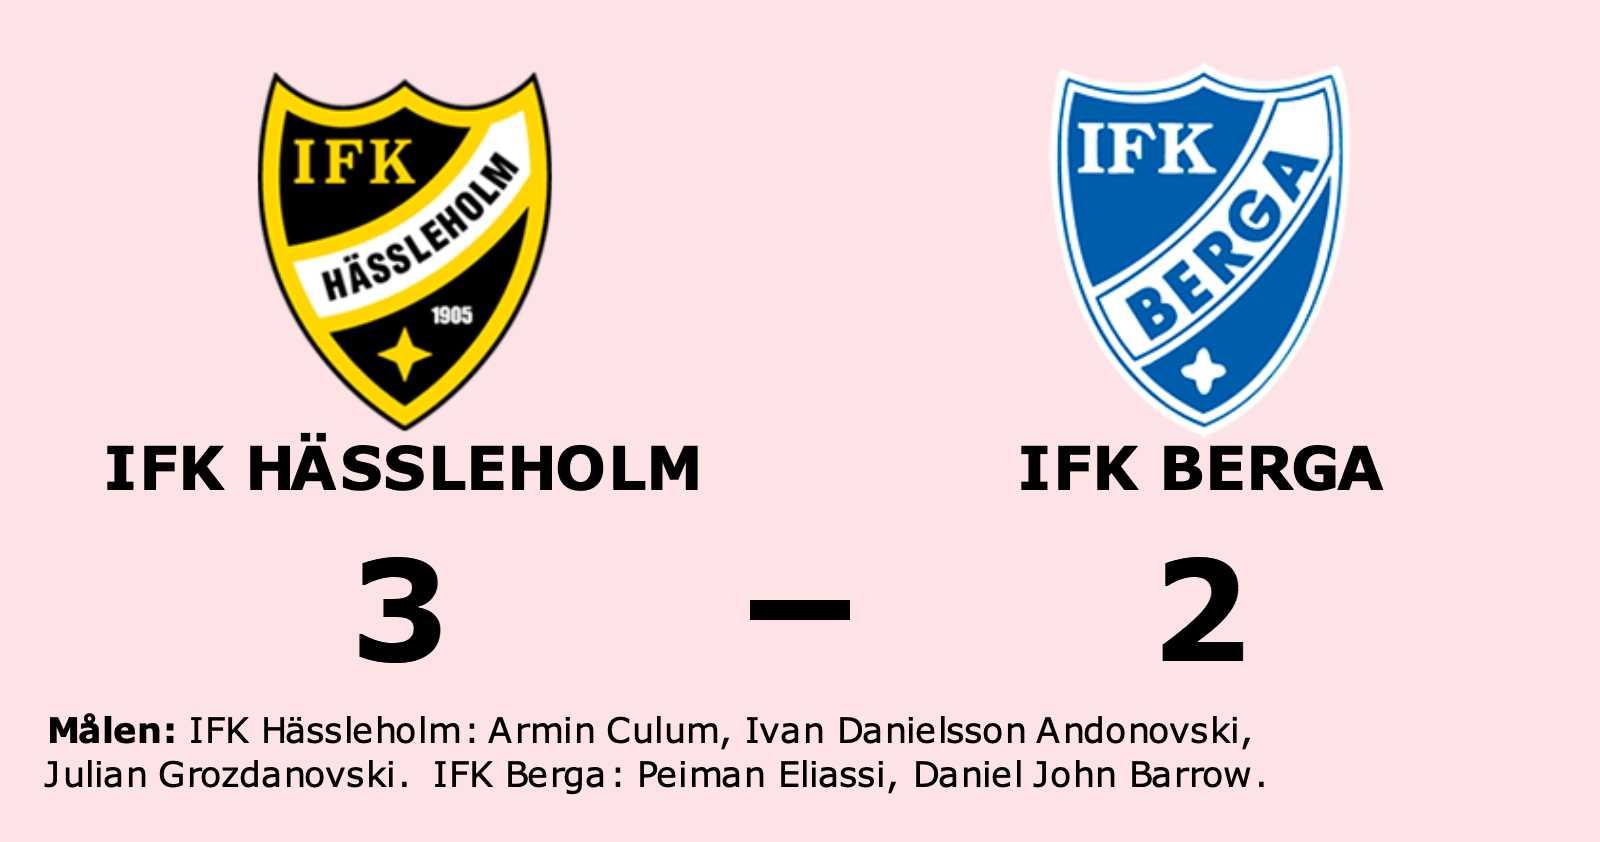 Peiman Eliassi och Daniel John Barrow målskyttar när IFK Berga föll